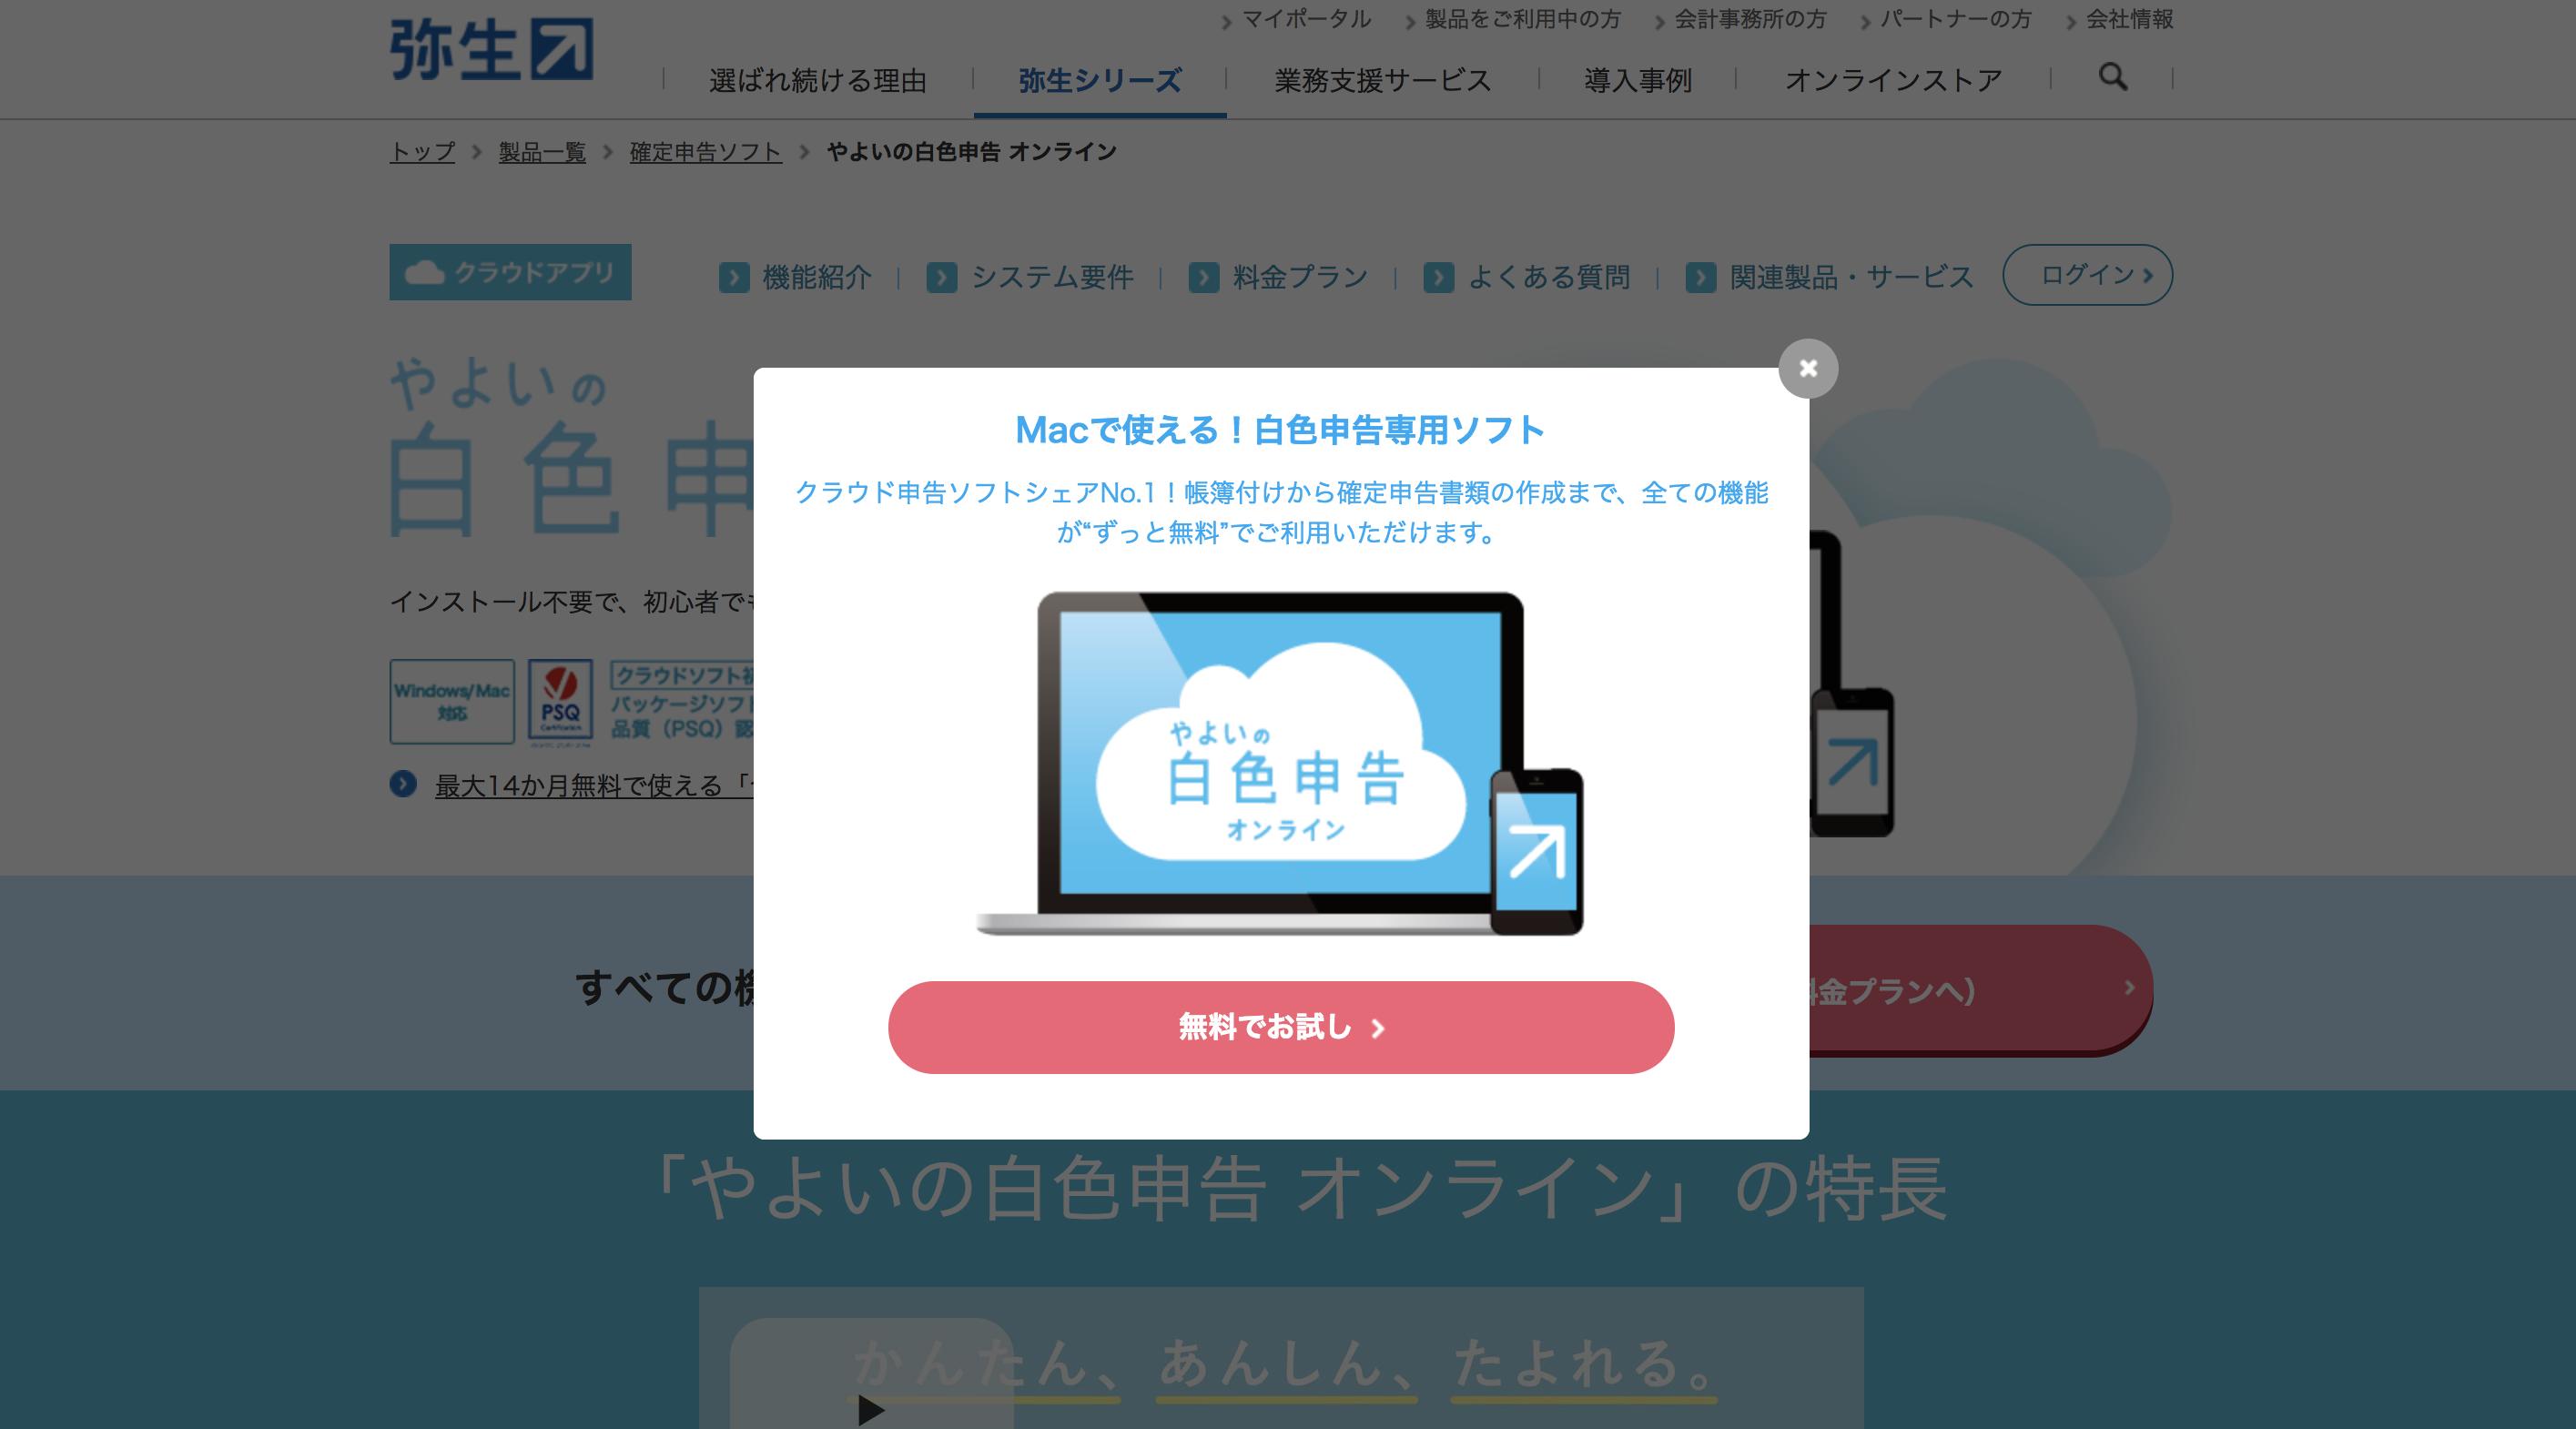 弥生オンライン:Web接客表示イメージ